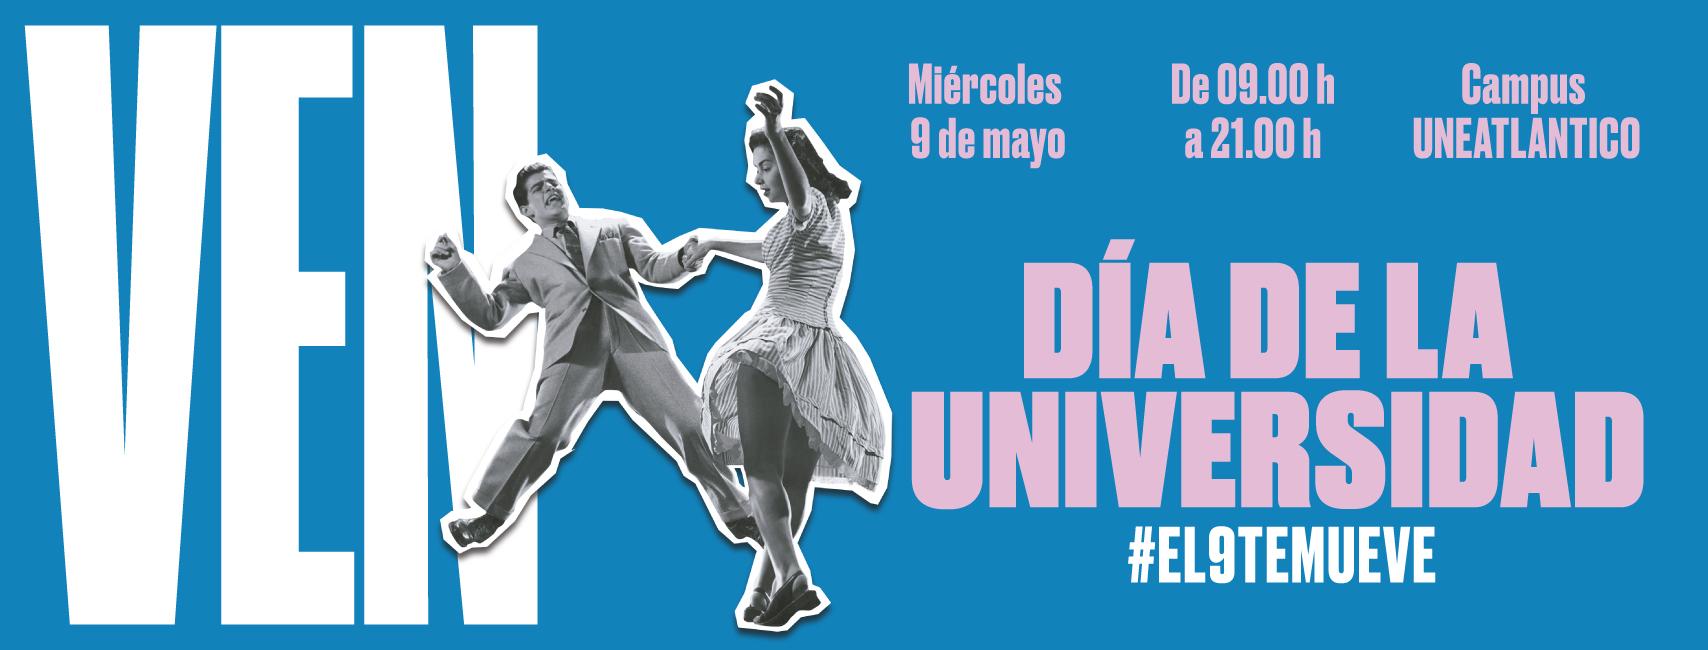 facebook_dia_de_la_universidad